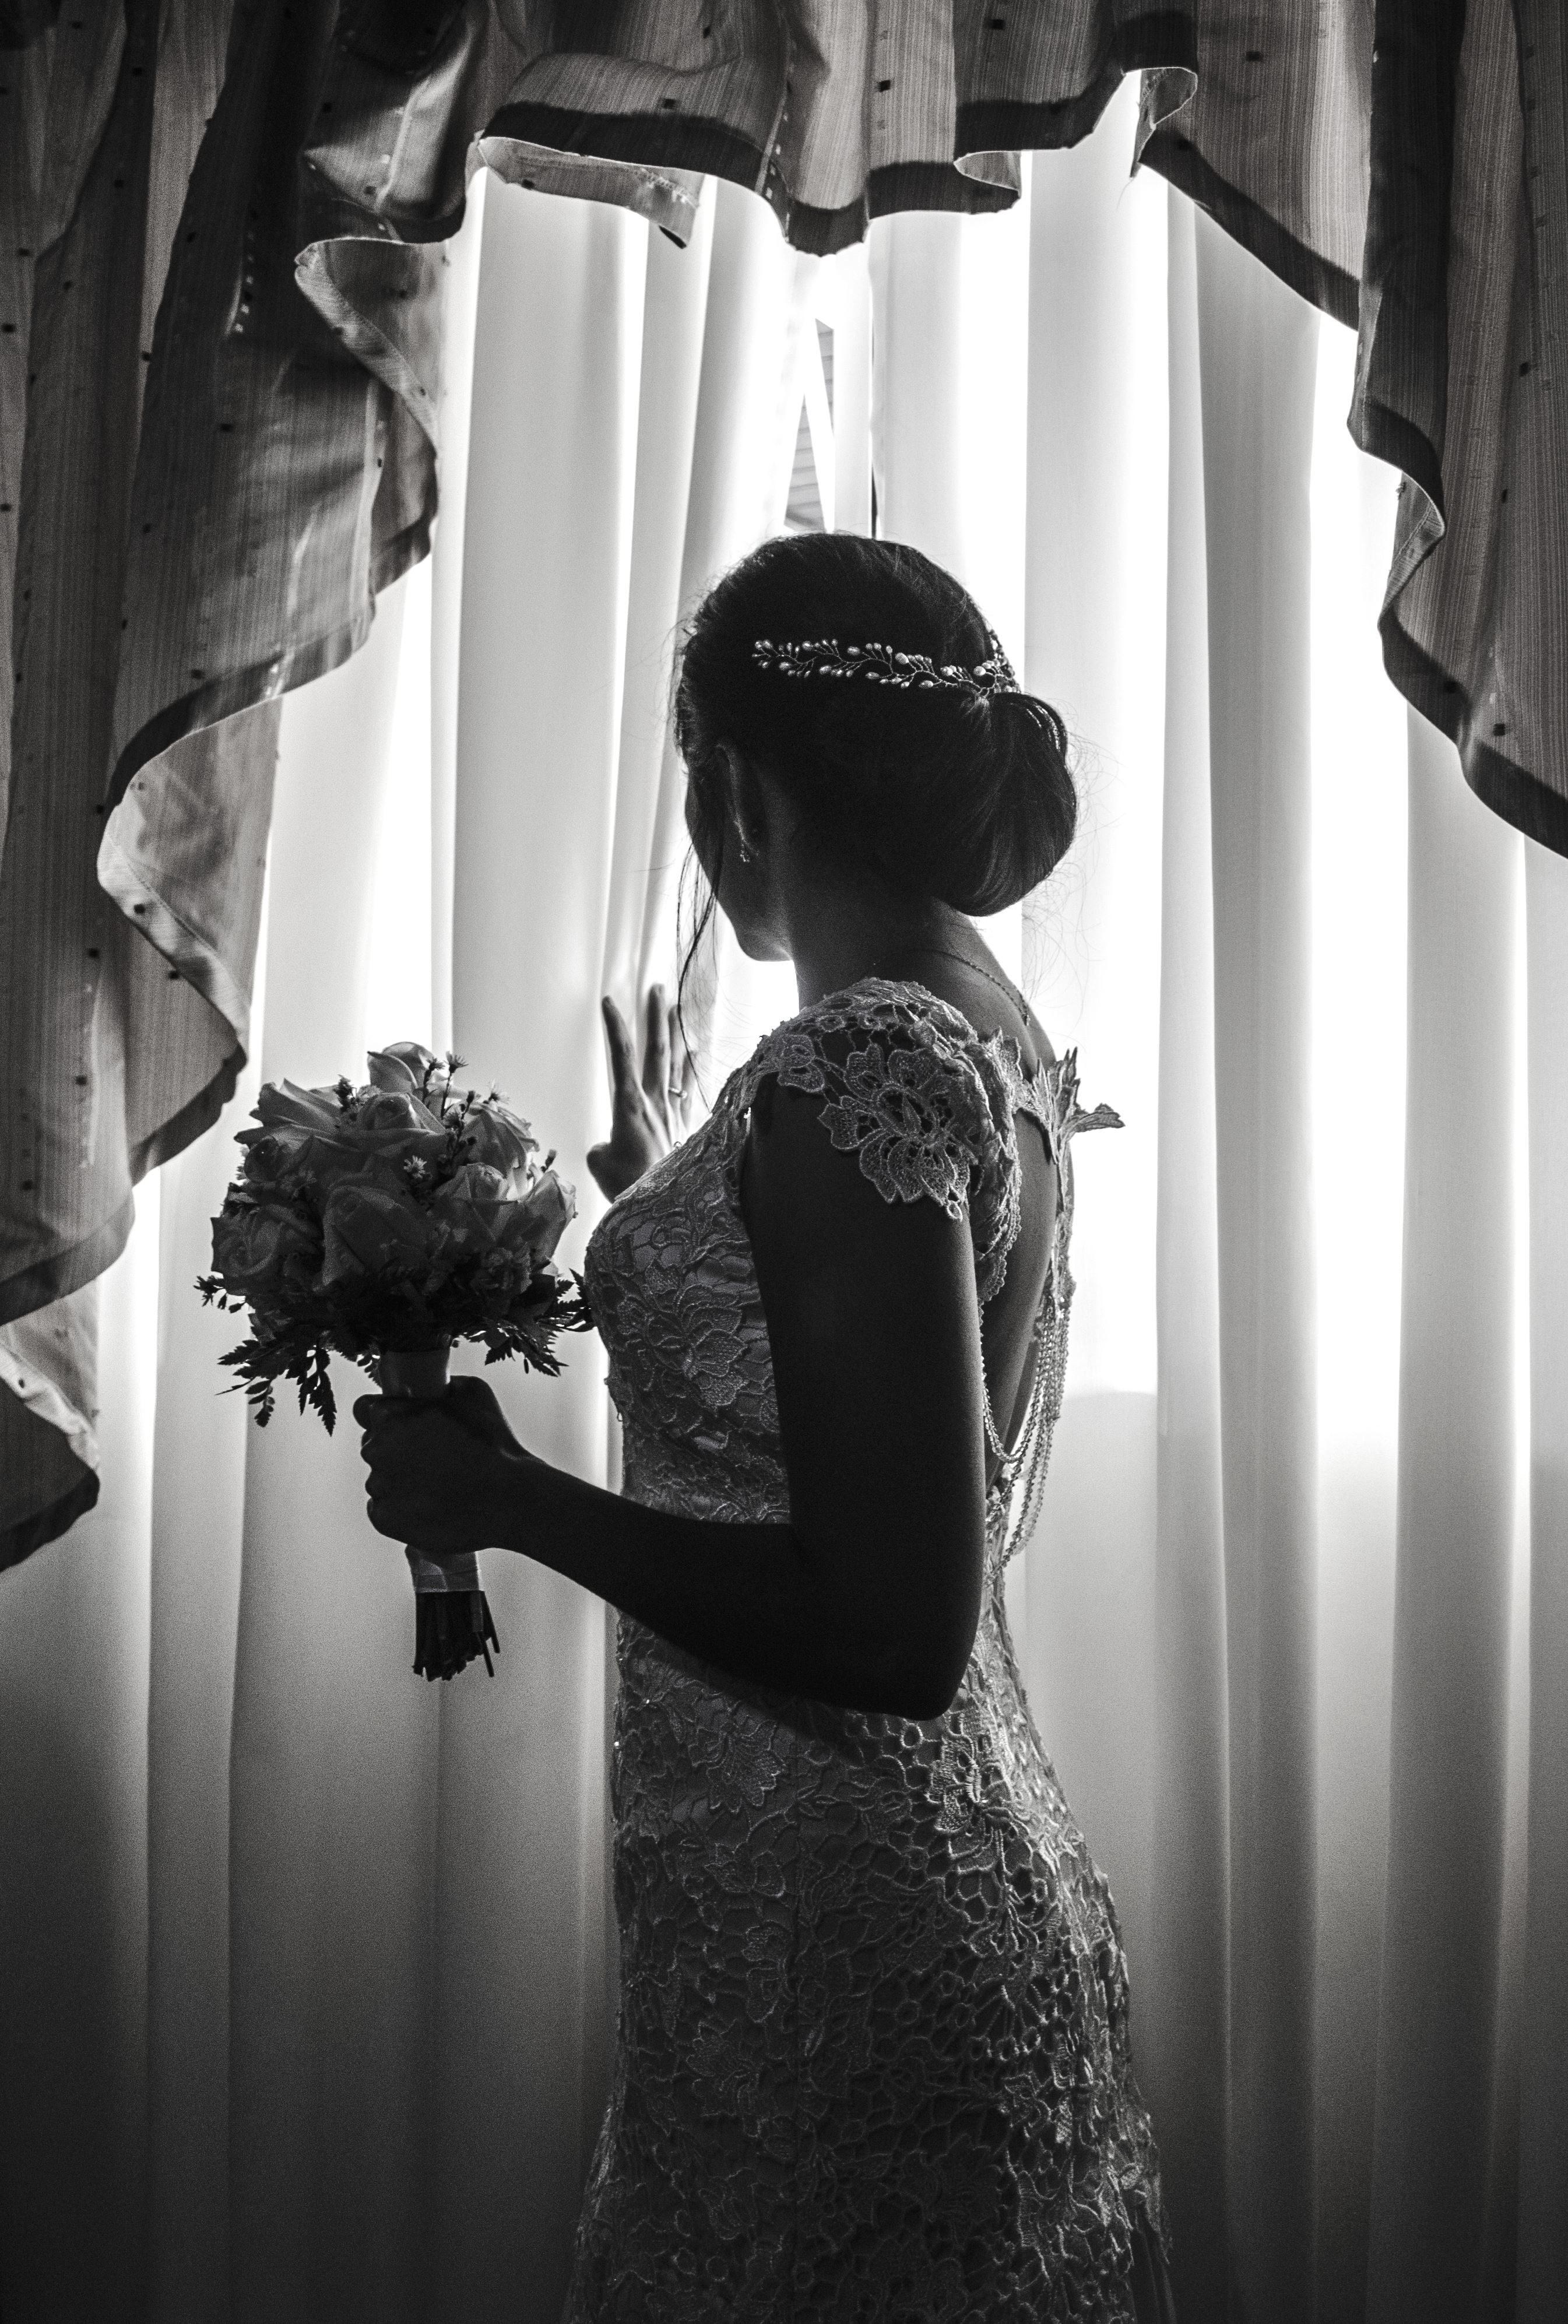 Image libre: mariée, mariée, fenêtre, Rideau, fashion, femme, fille